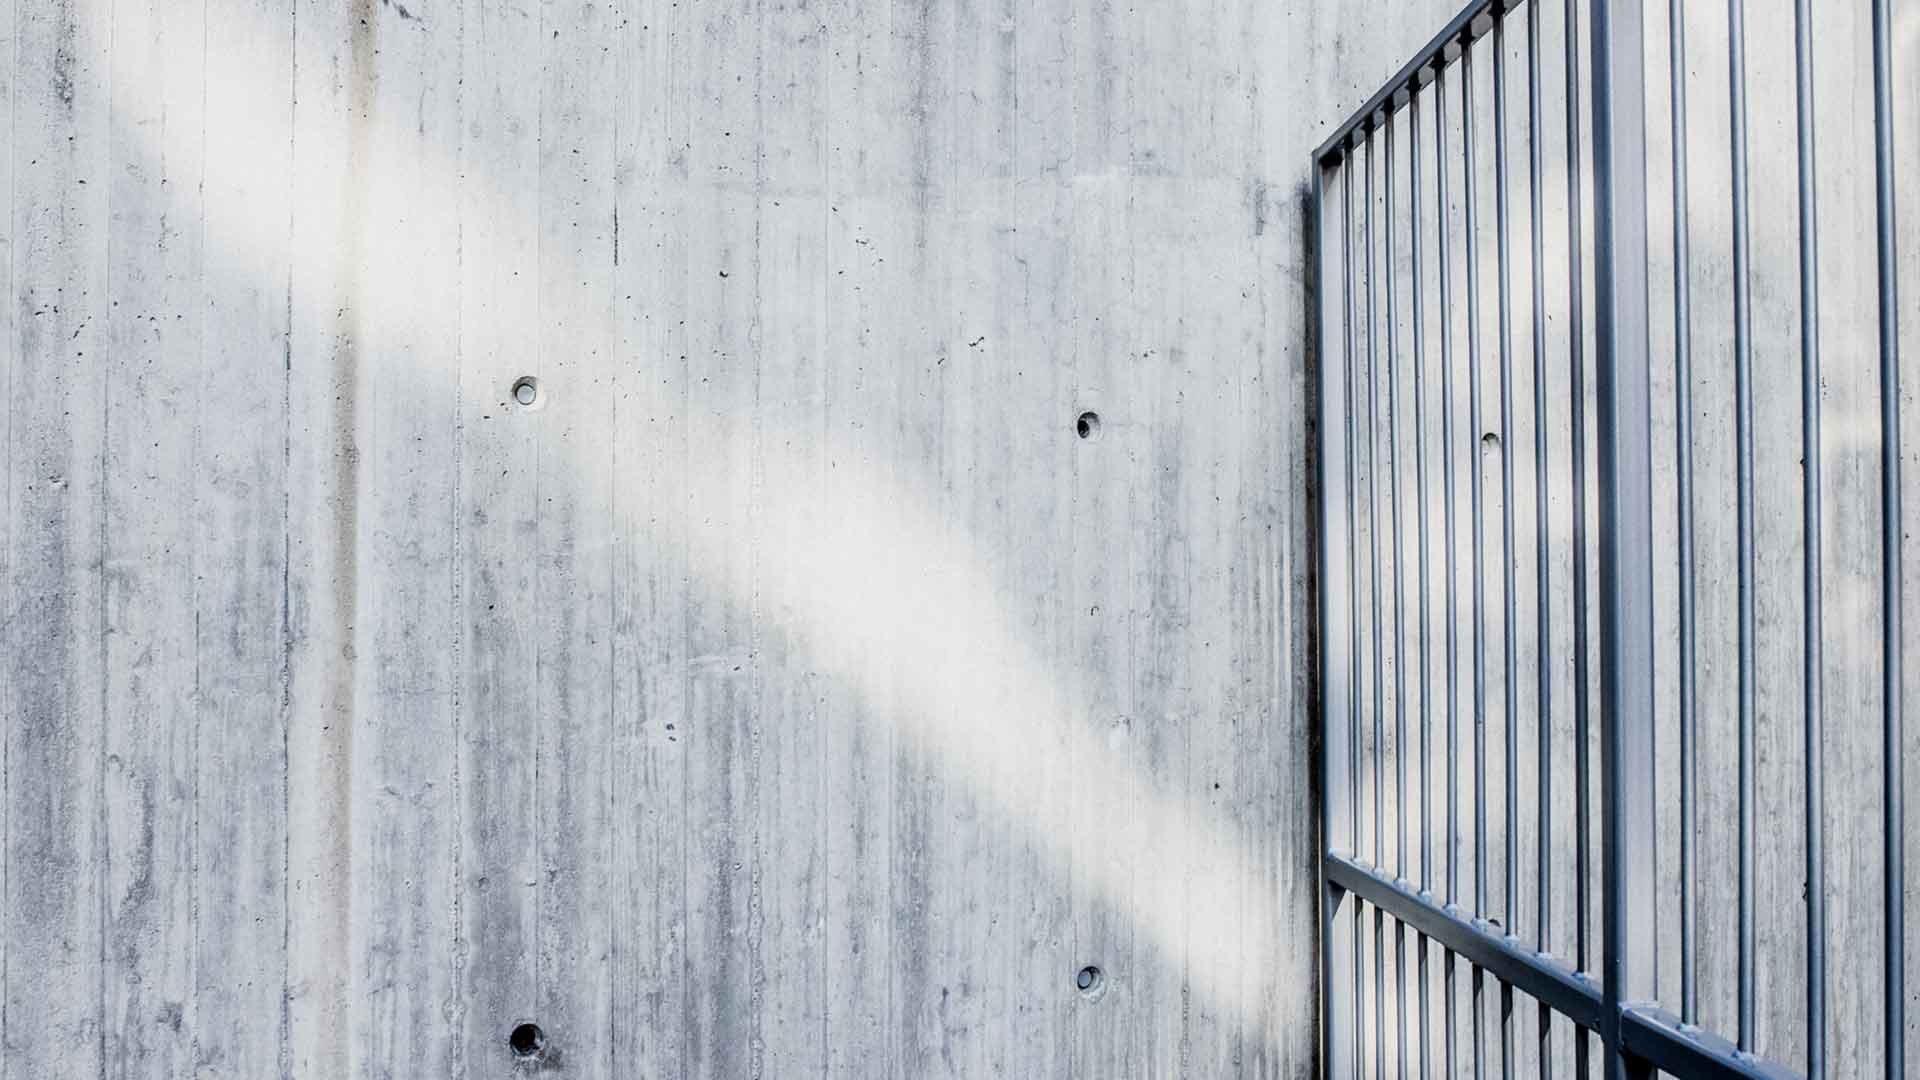 metall og betong - eksempler på at ulike materialer har ulik lønnsomhet i et sirkulært perspektiv